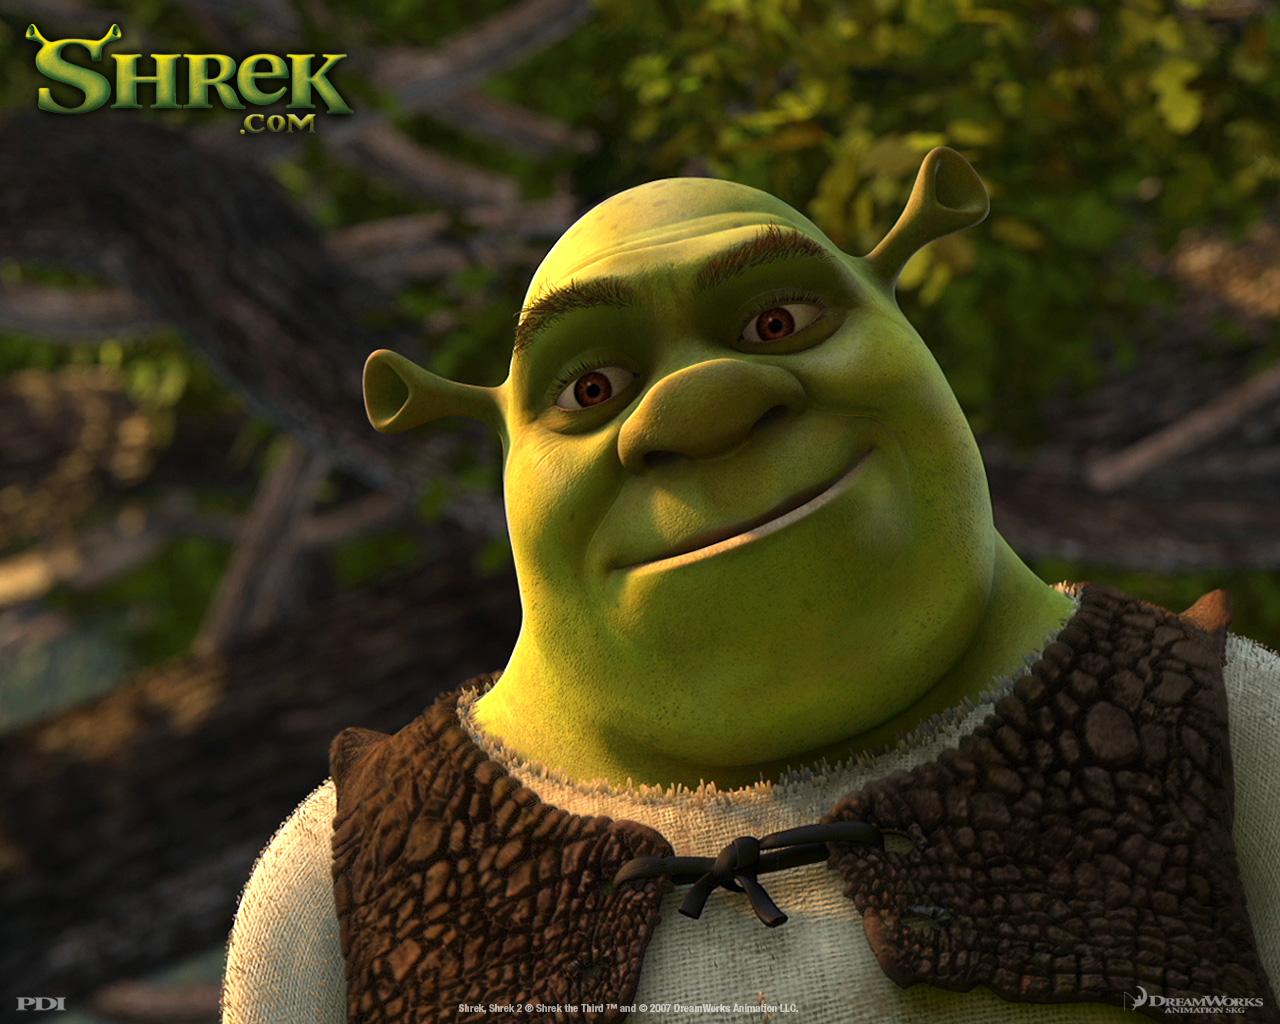 25 Inolgo Entretenimiento Infantil Fondos De Pantalla Shrek 4